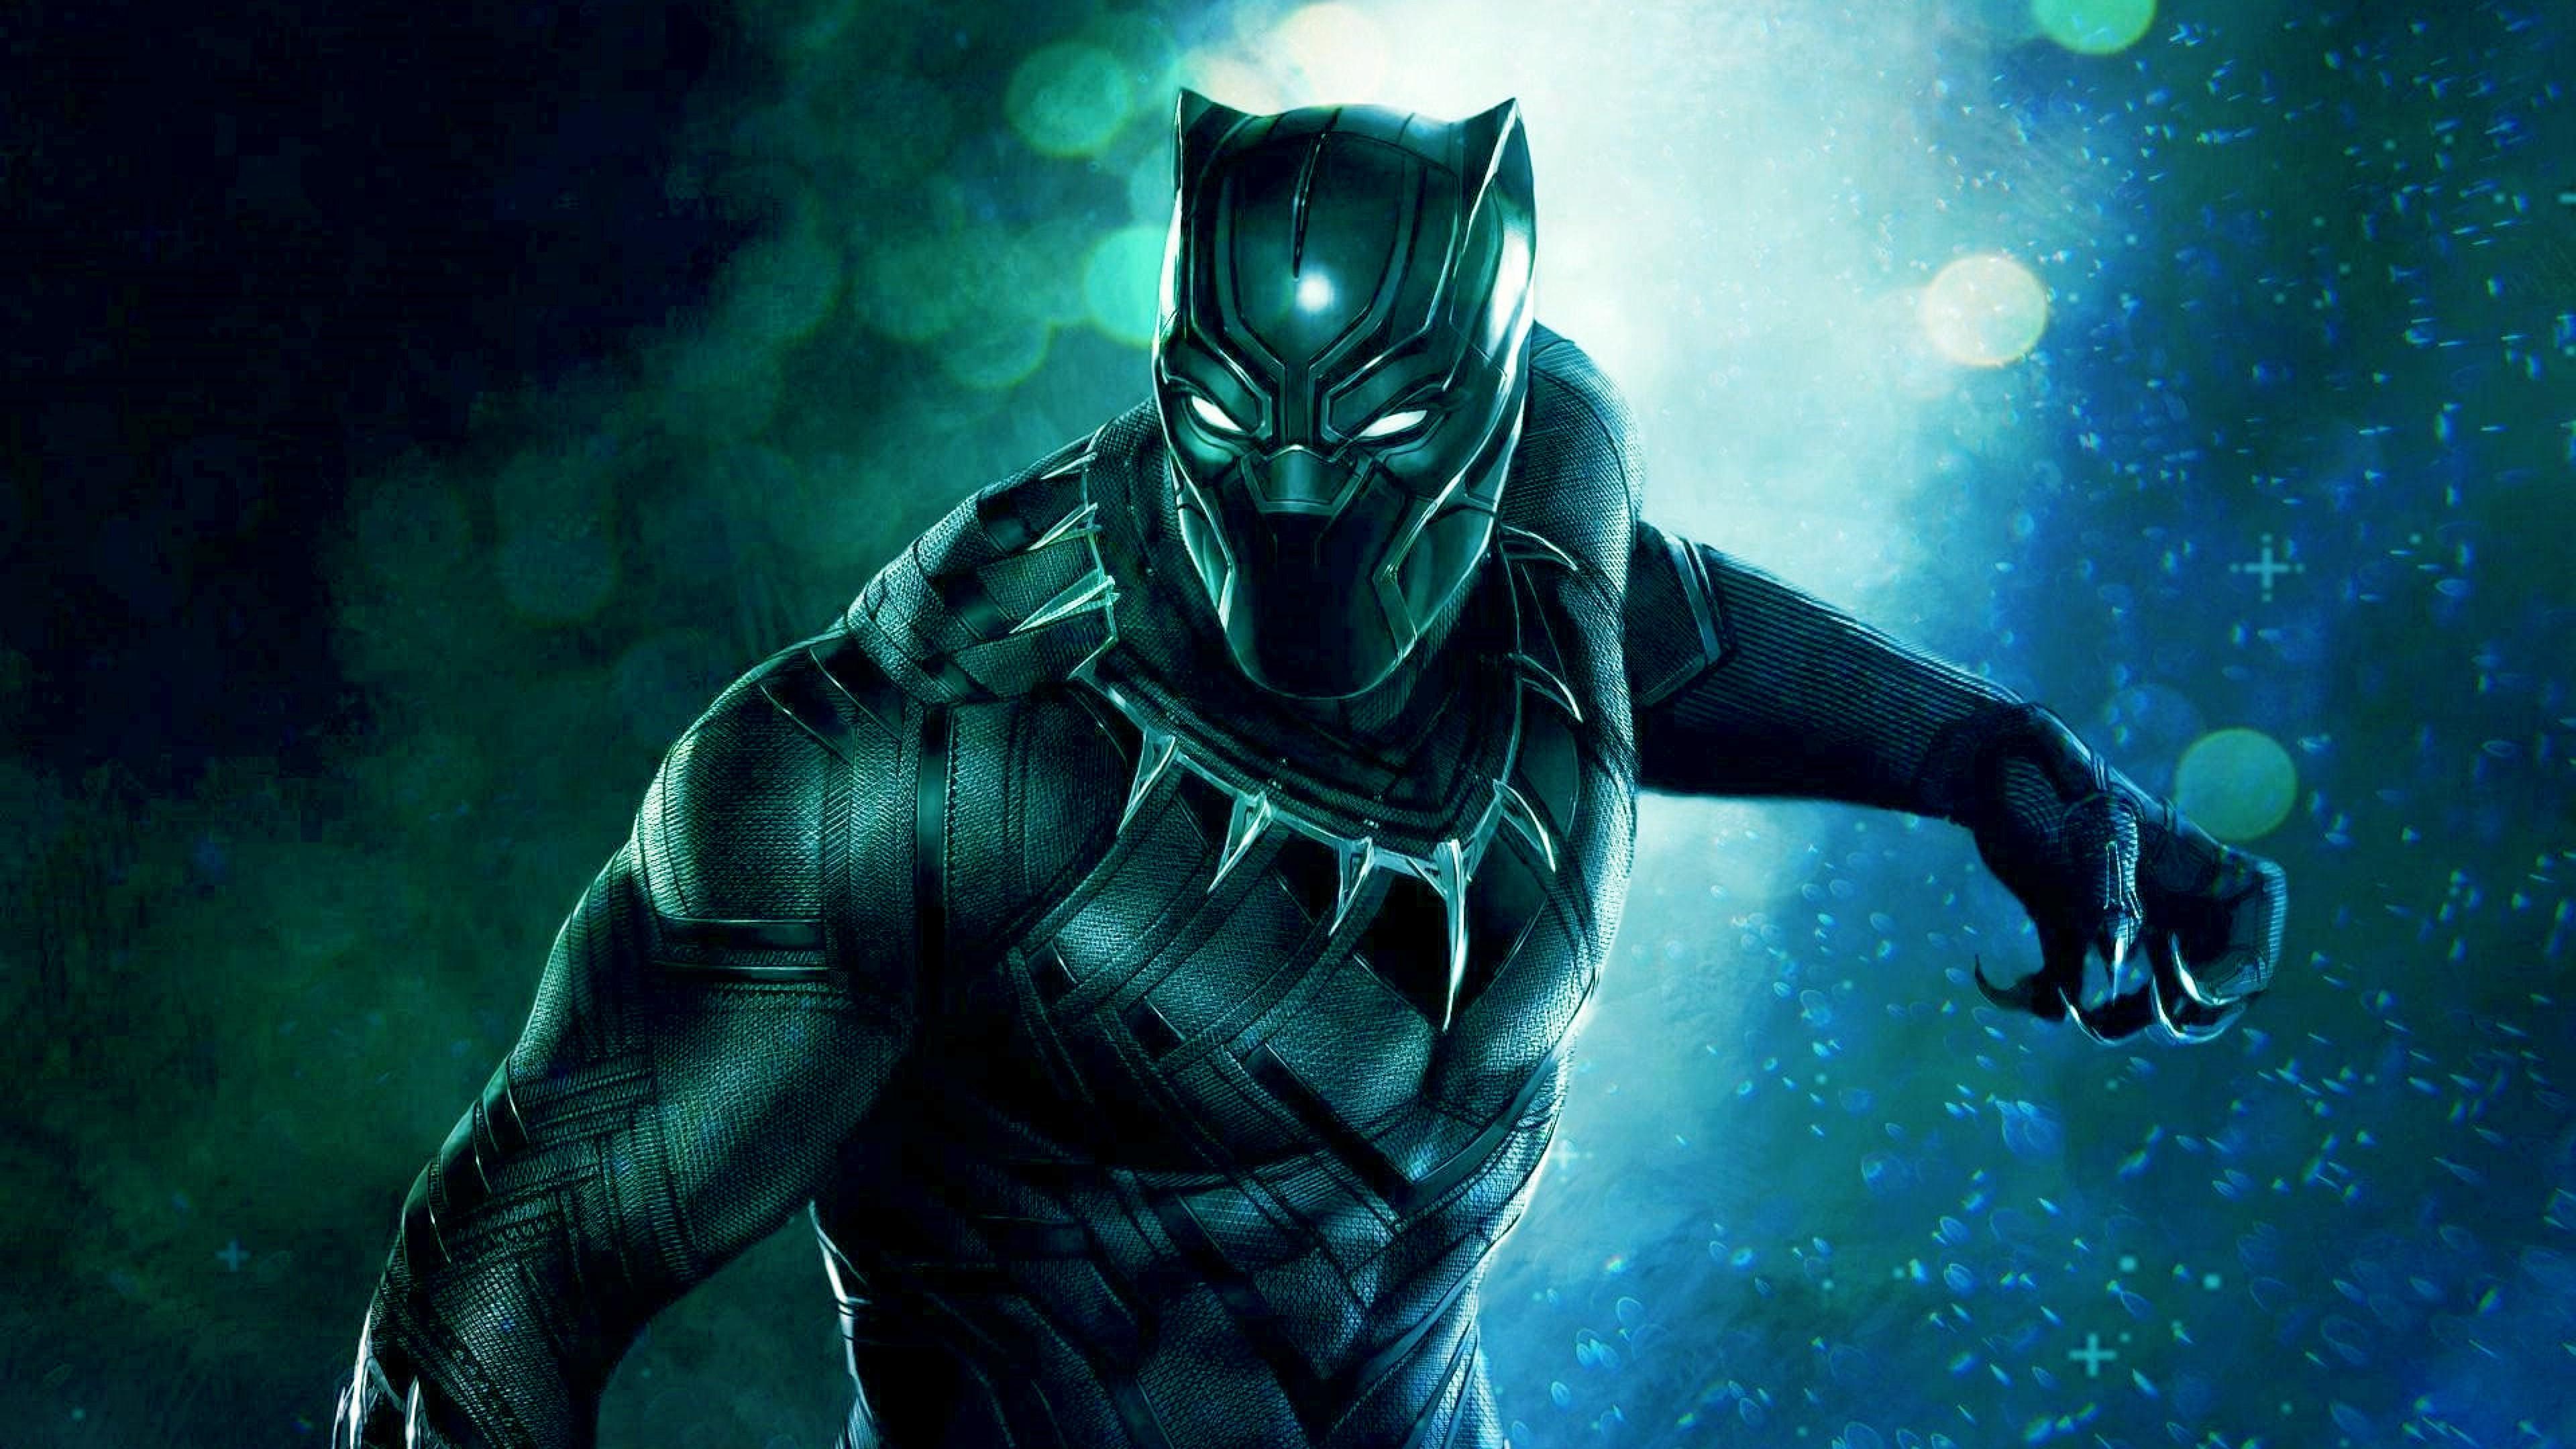 19+ Black Panther 4K Wallpapers on WallpaperSafari